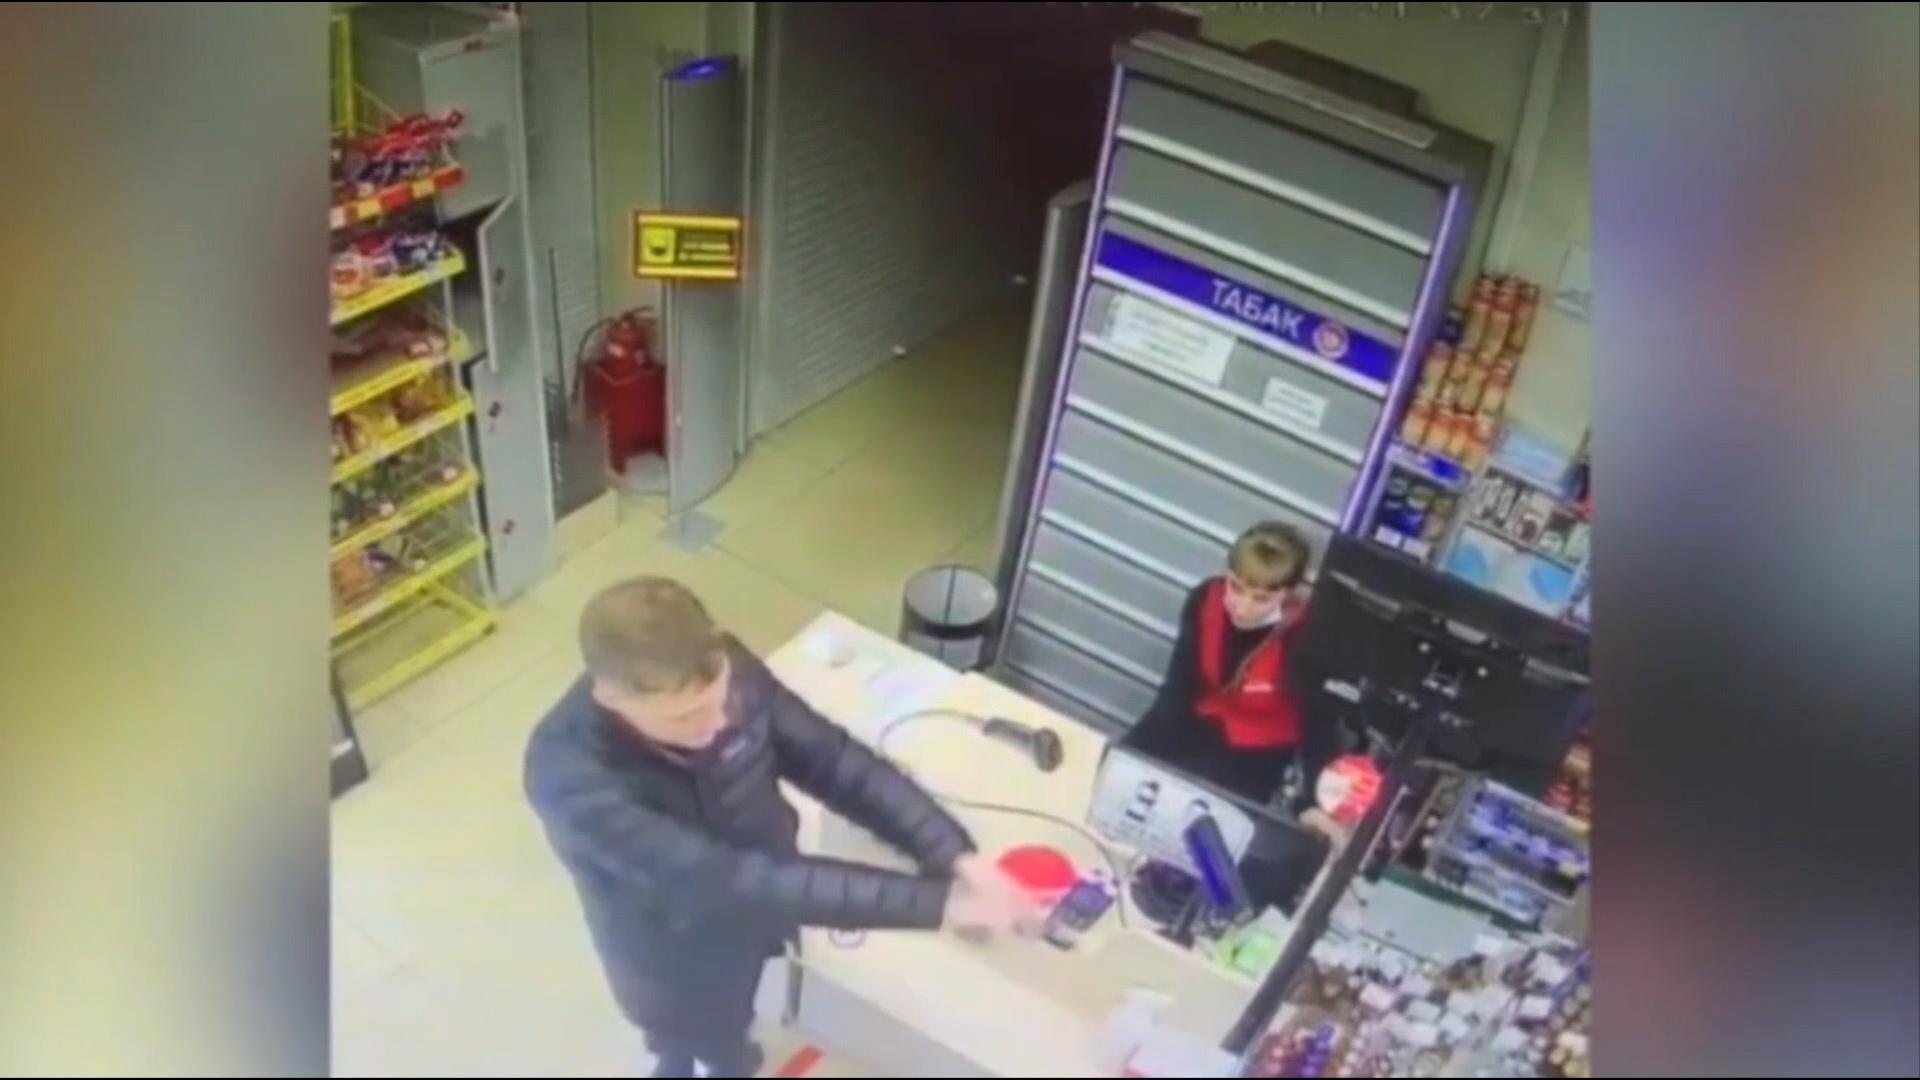 Зато маску надел: Житель Приморья ограбил магазин при помощи зажигалки